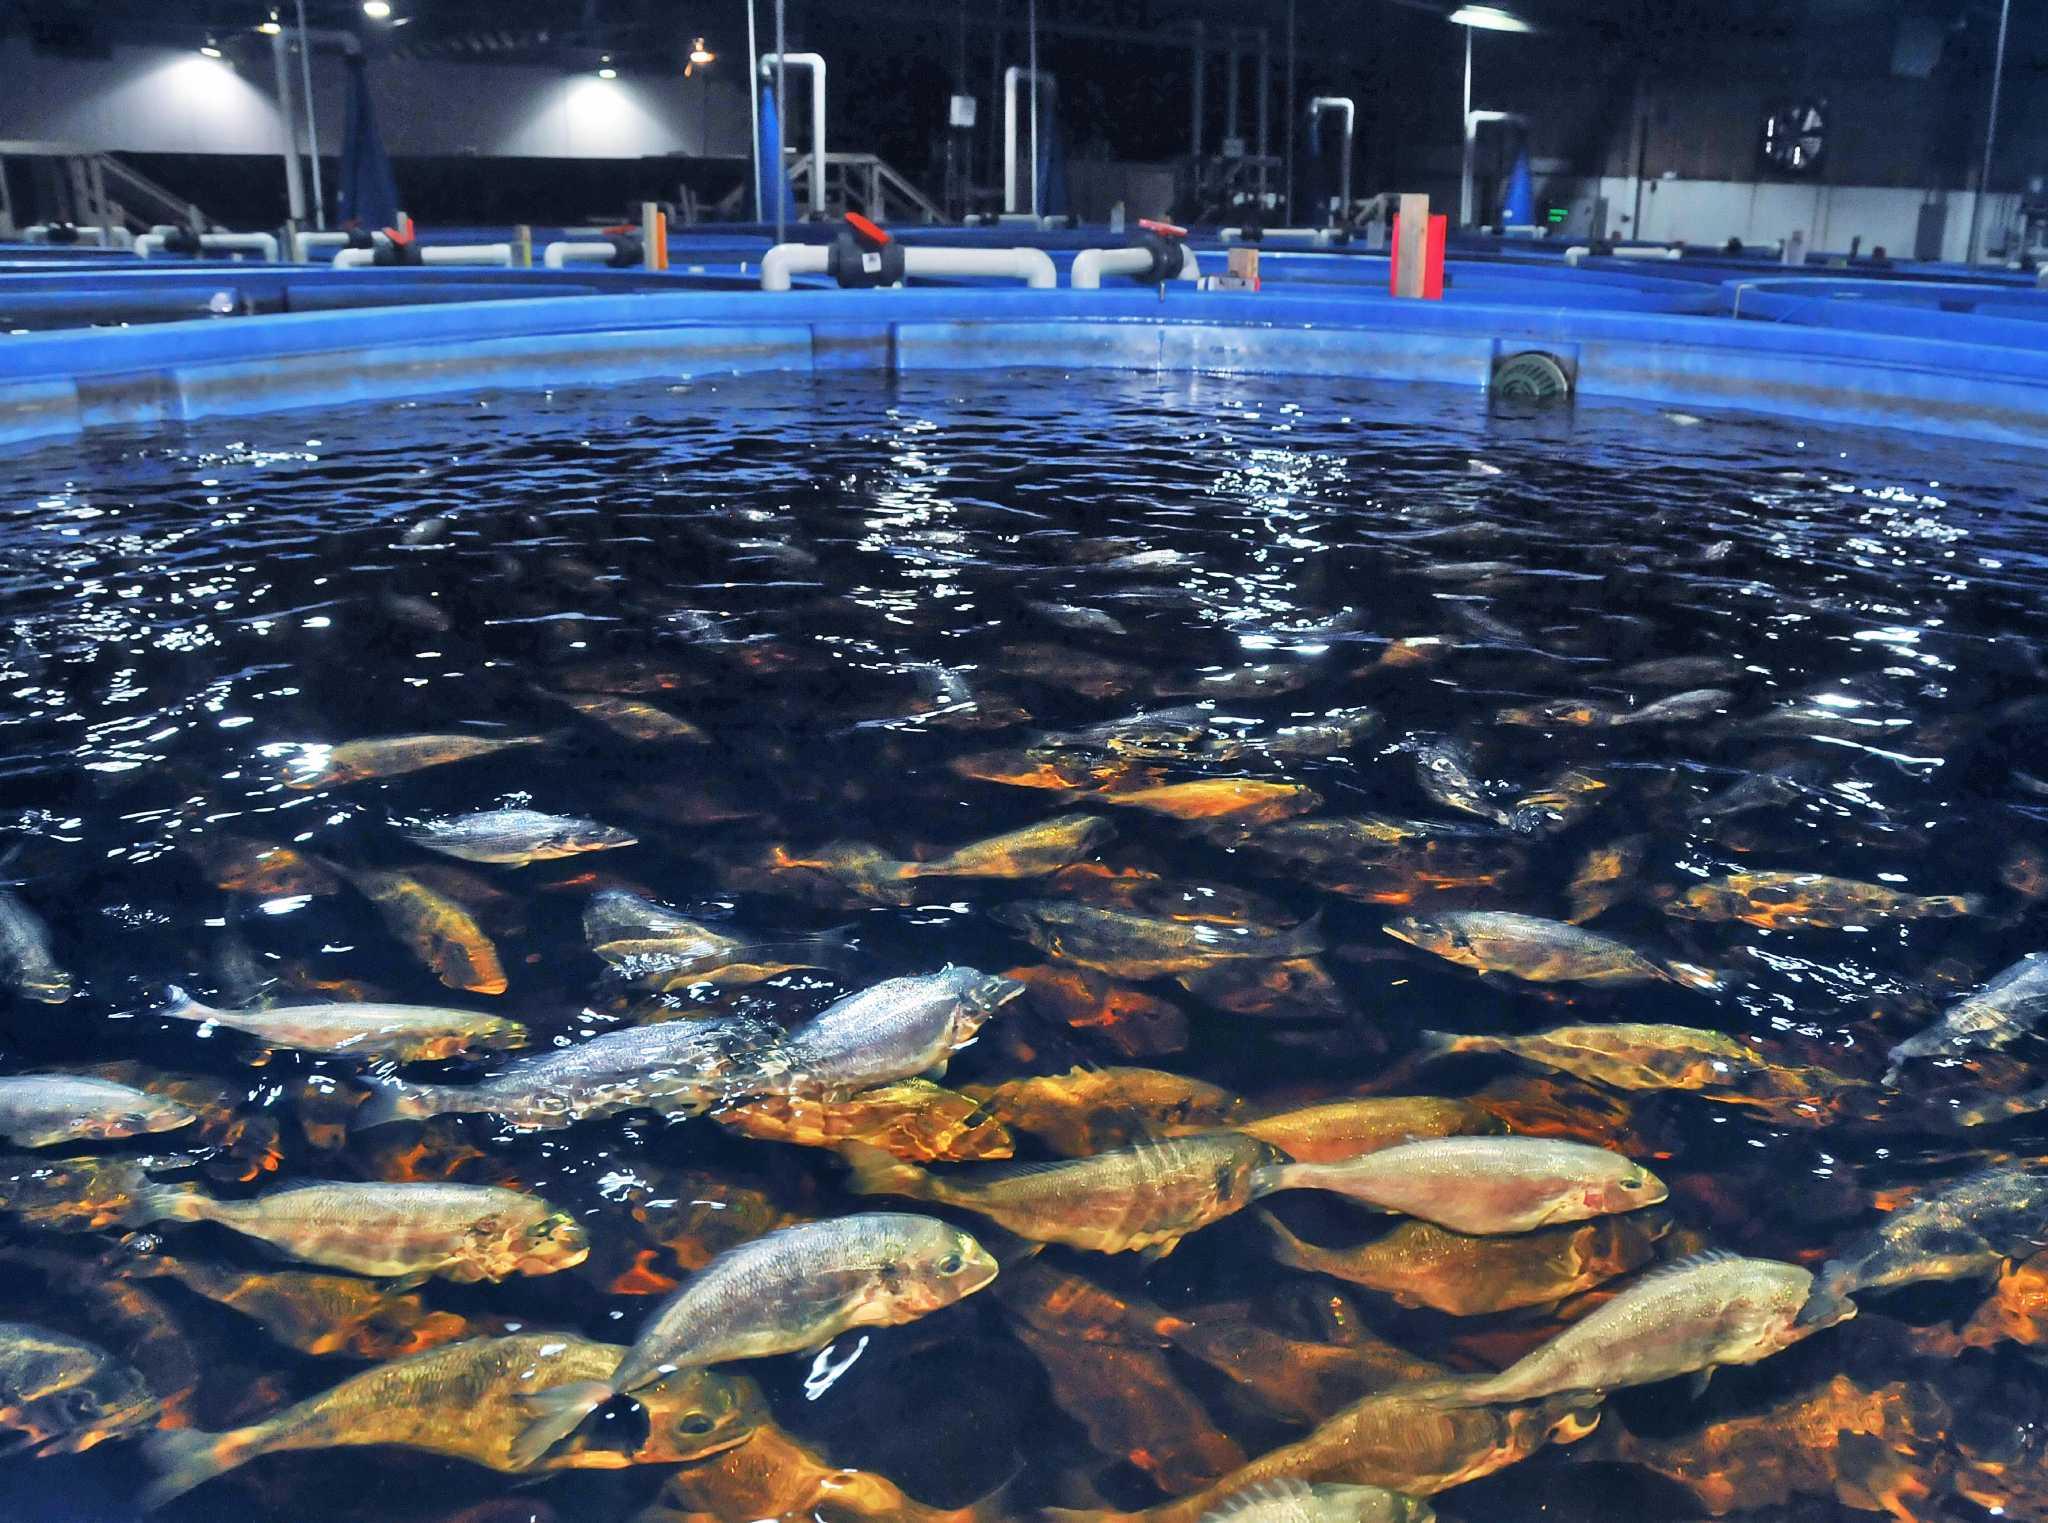 Ихтиология и рыбоводство картинки